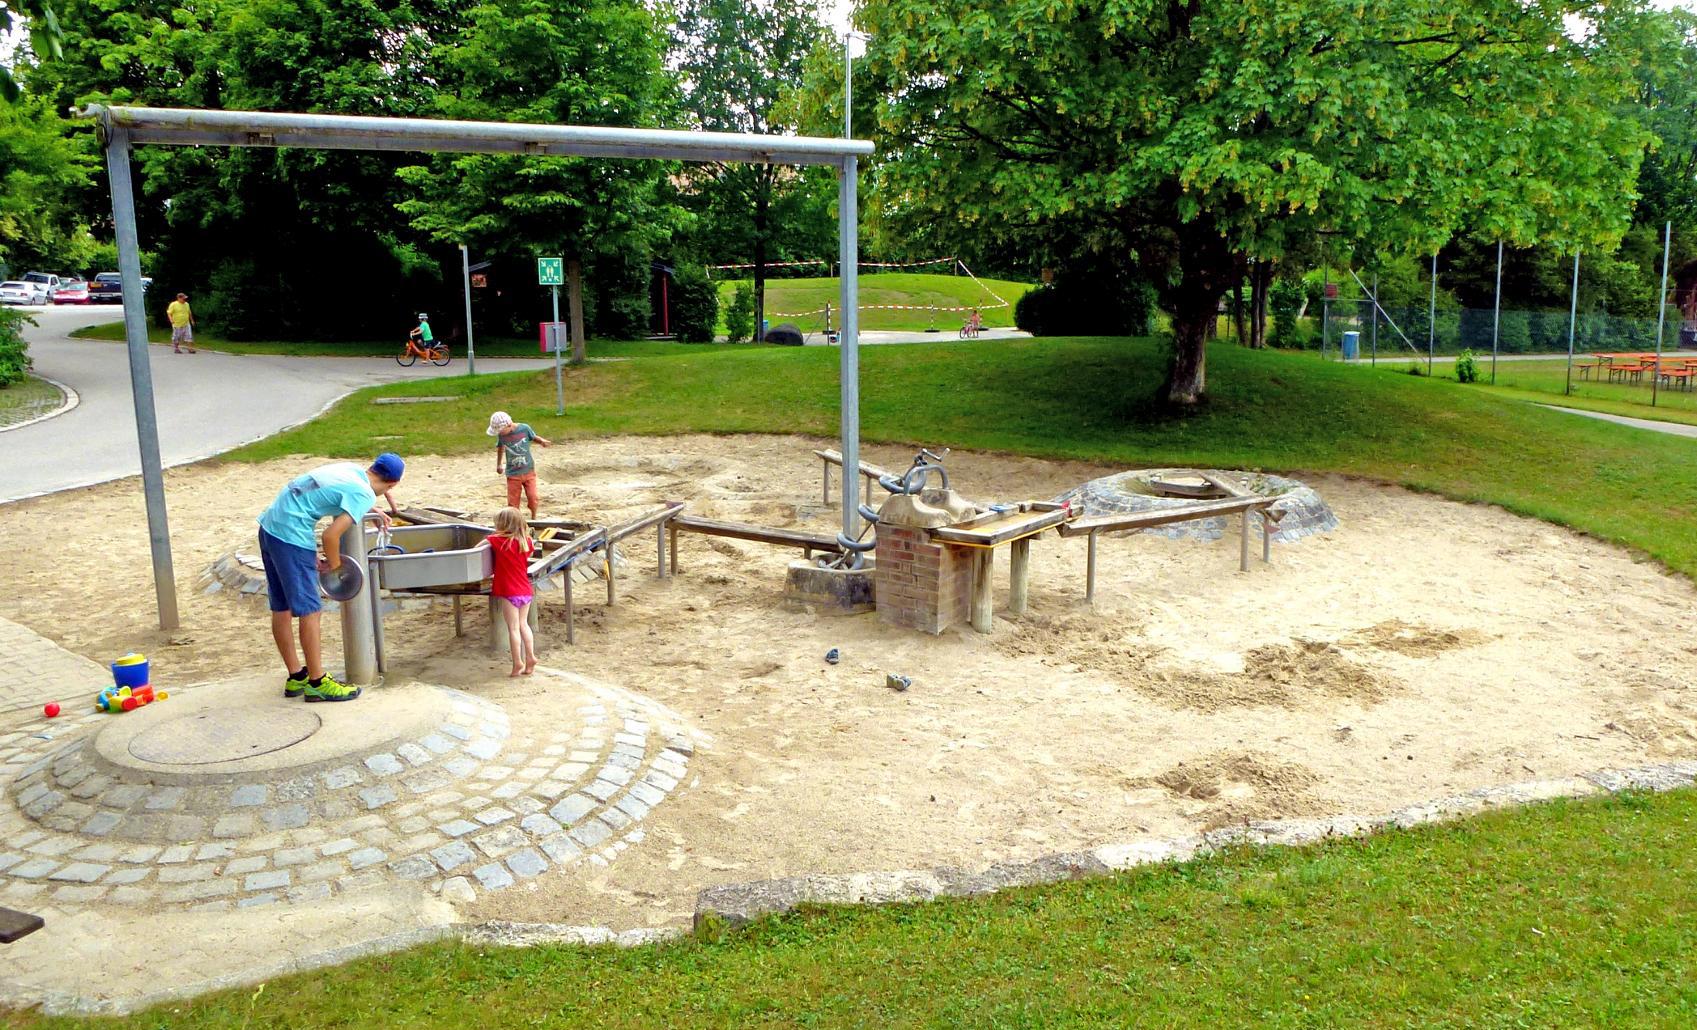 Wasserspielplatz Schattiger Spielplatz Und Waffeleis In Attel Bei